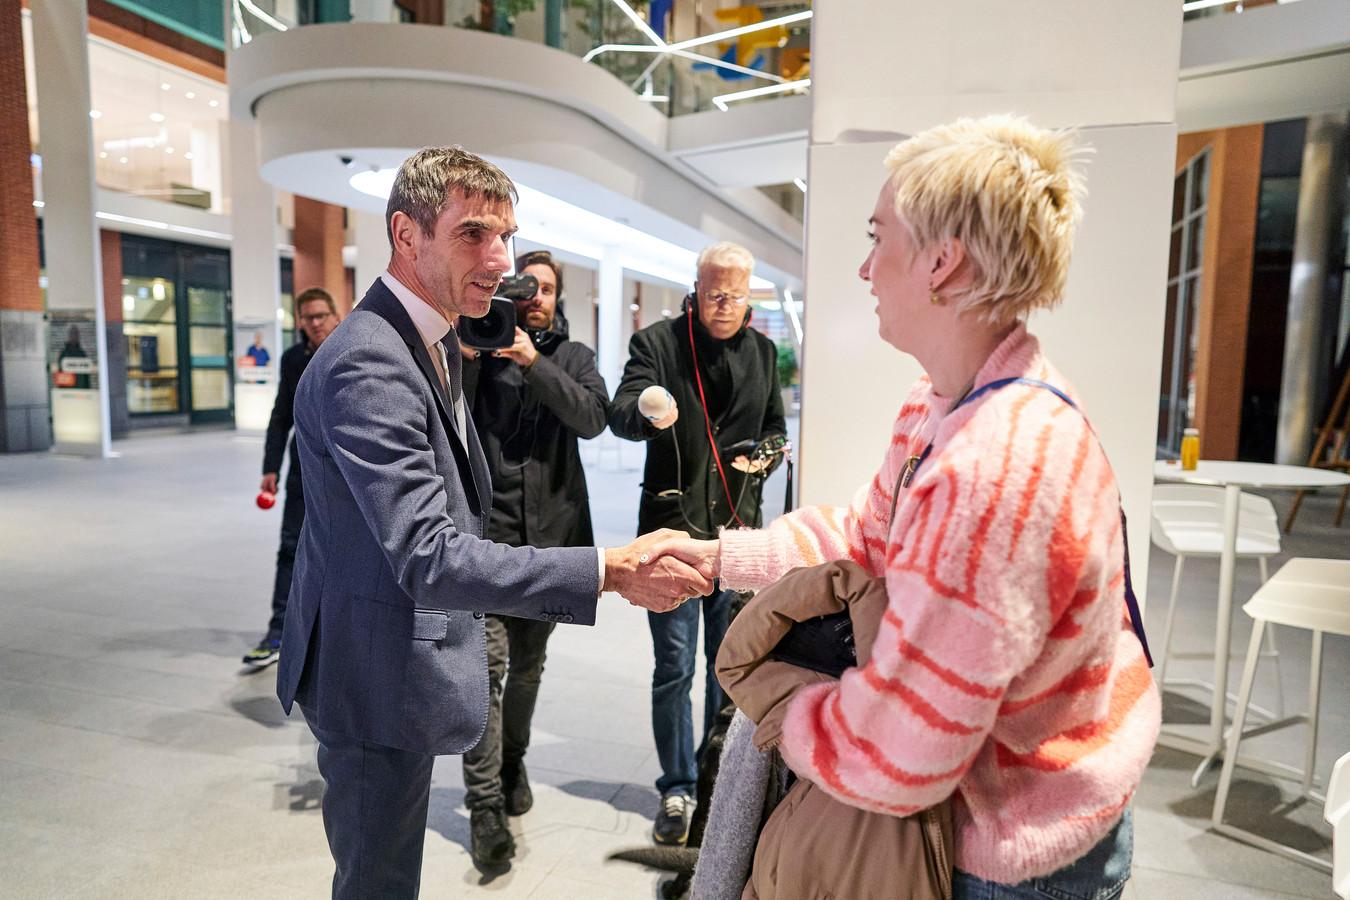 Staatssecretaris Paul Blokhuis van Volksgezondheid, Welzijn en Sport (ChristenUnie) ontvangt Charlotte Bouwman die aandacht vraagt voor die lange wachtlijsten binnen de ggz.